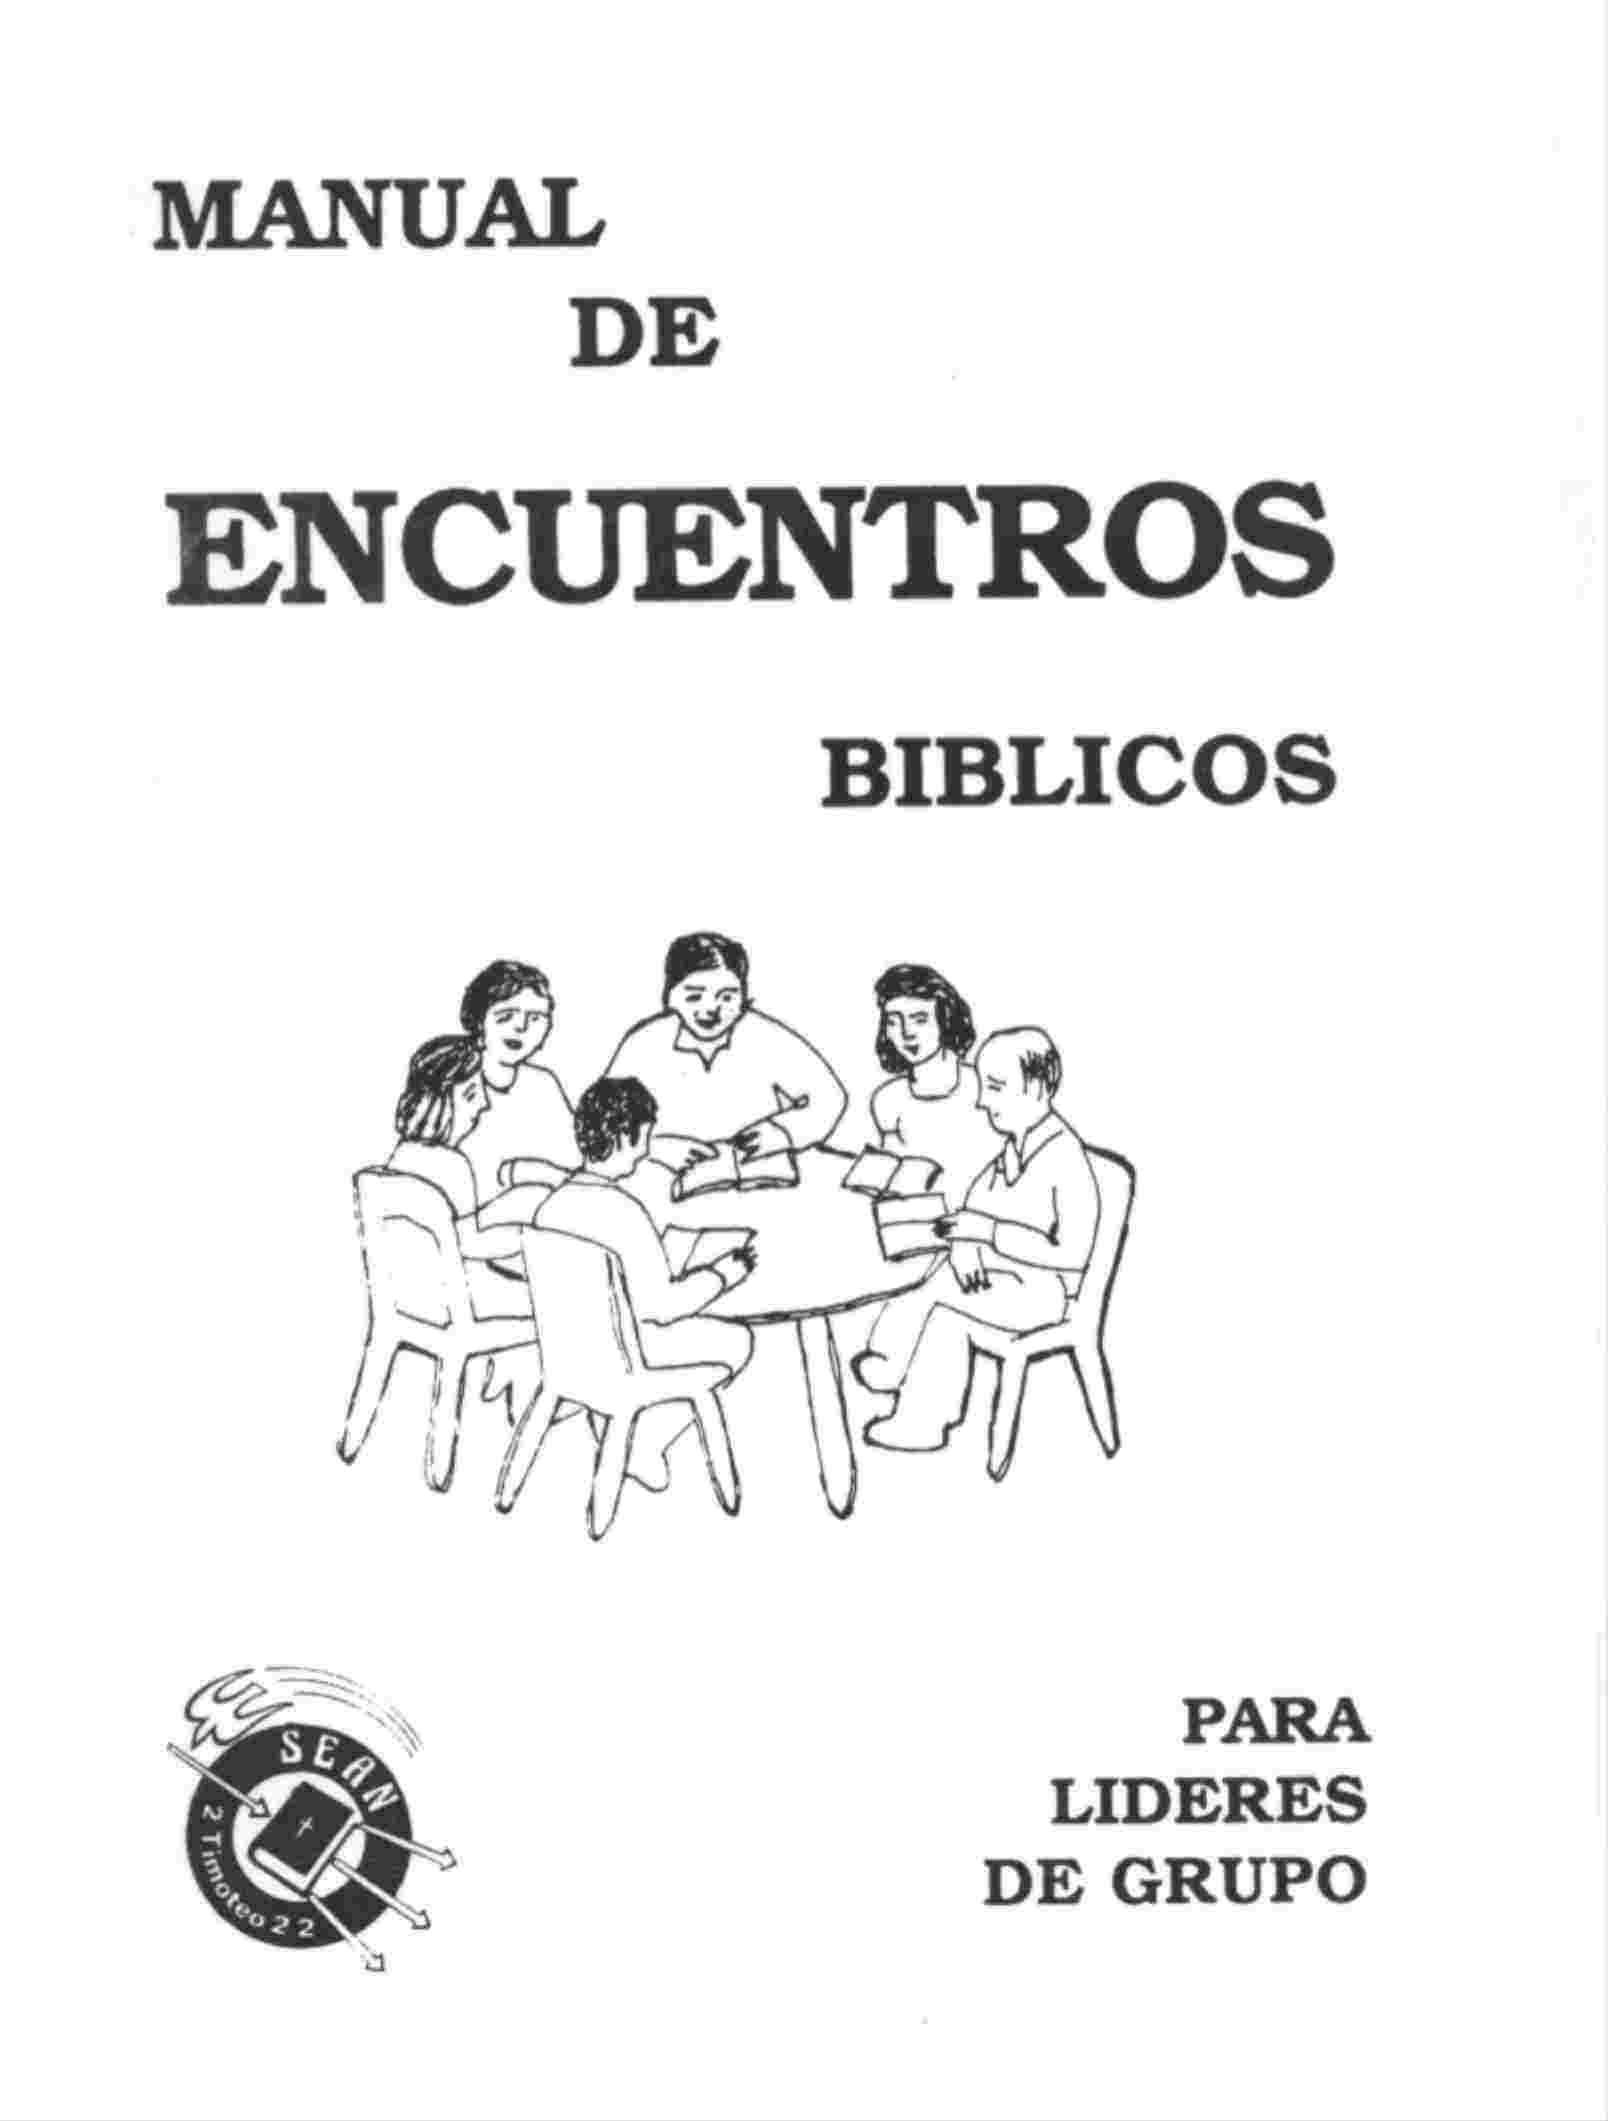 Manualde Encuentros Bíblicos.